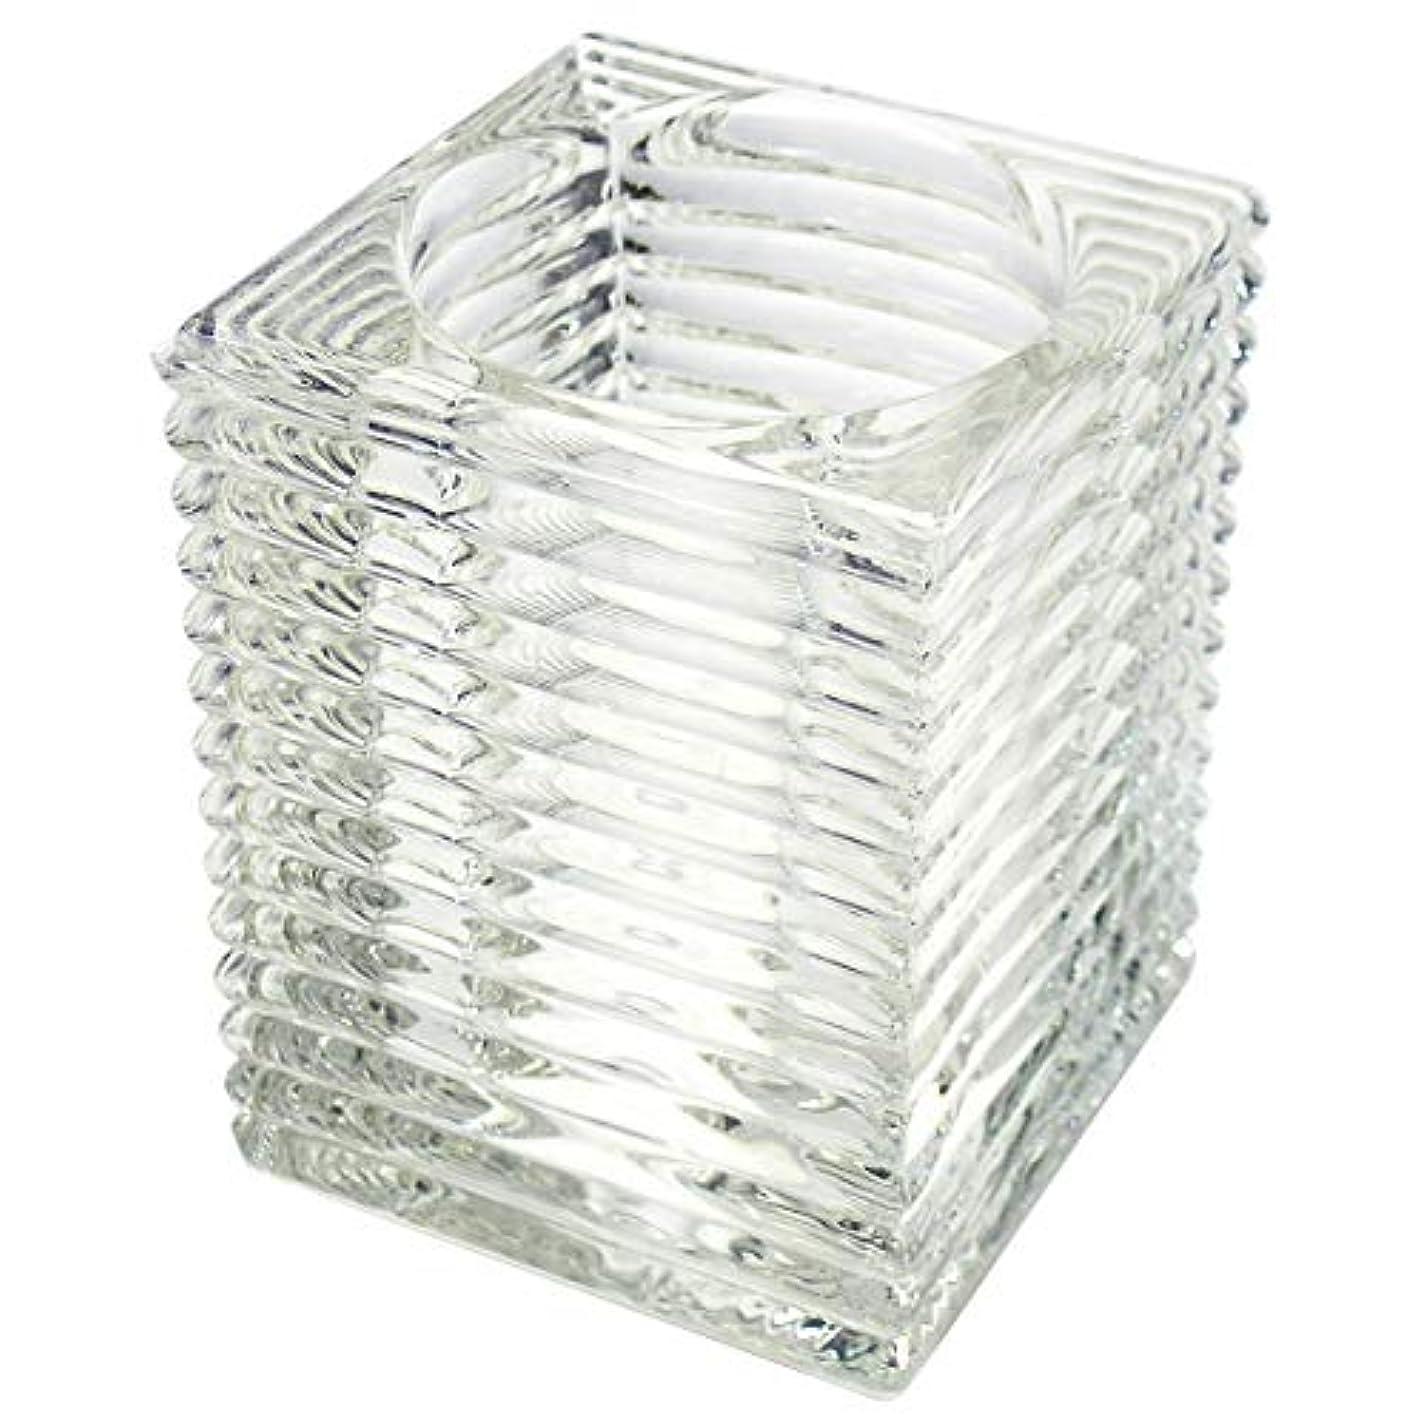 治す制約ボリュームキャンドルホルダー ガラス6 キャンドルスタンド ろうそく立て ティーライトキャンドル ティーキャンドル